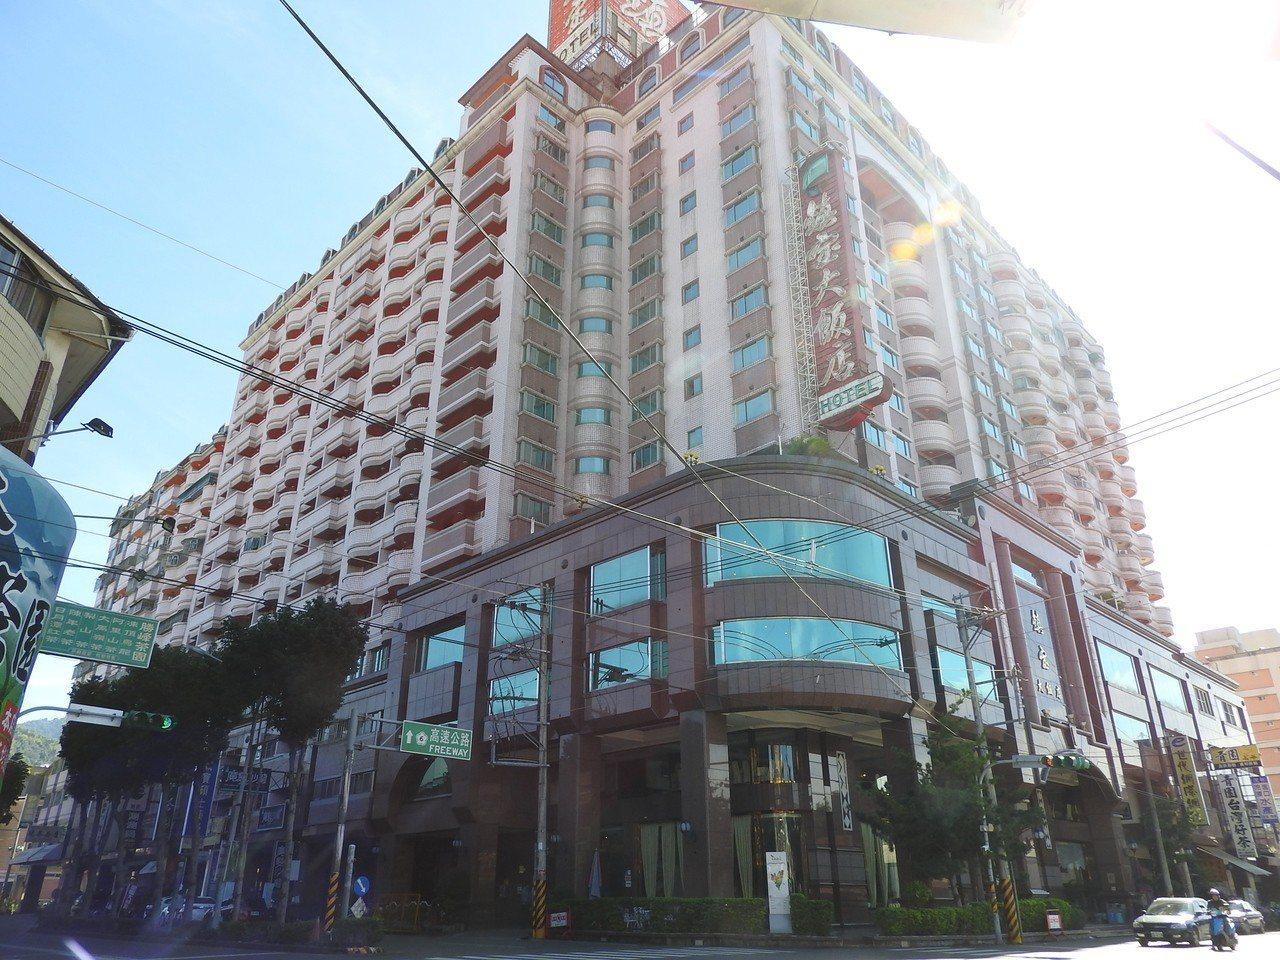 埔里鎮寶飯店是老字號觀光飯店,近期砸千萬元翻新設備,替換下來的家具還讓人免費搬。...